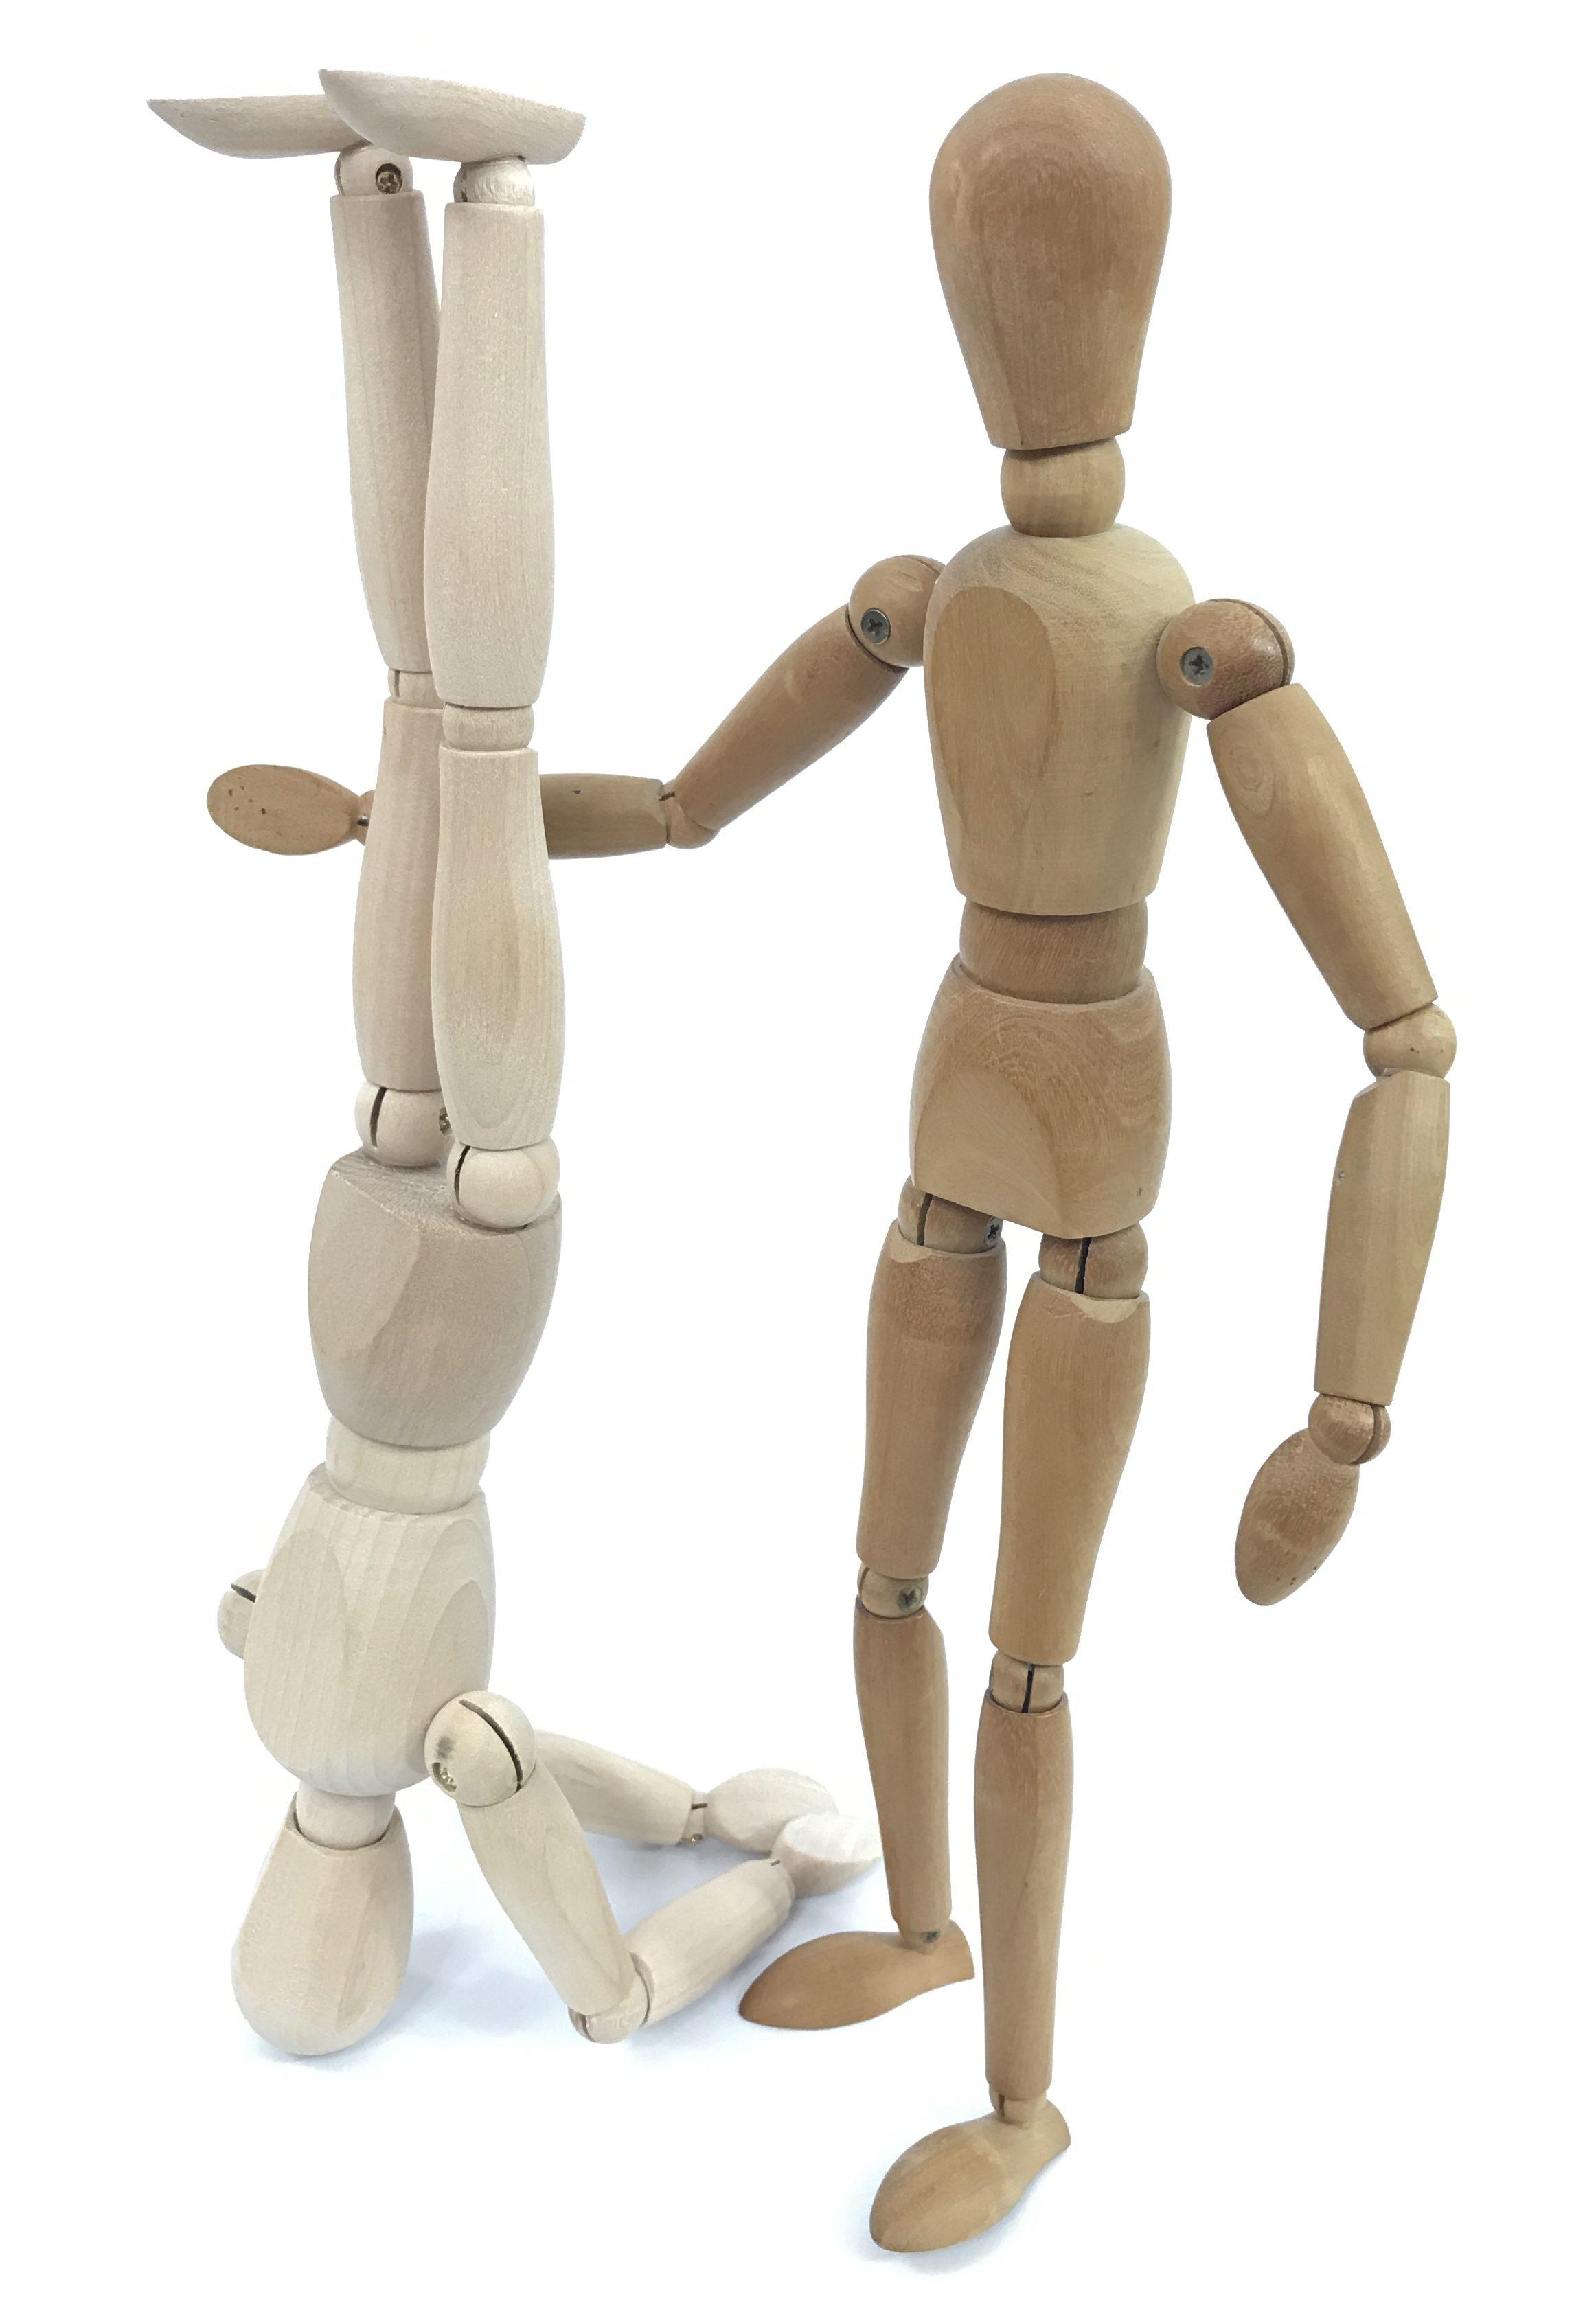 Gesunde Balance: Yoga ist der bewegte Weg hin zu mehr Resilienz.